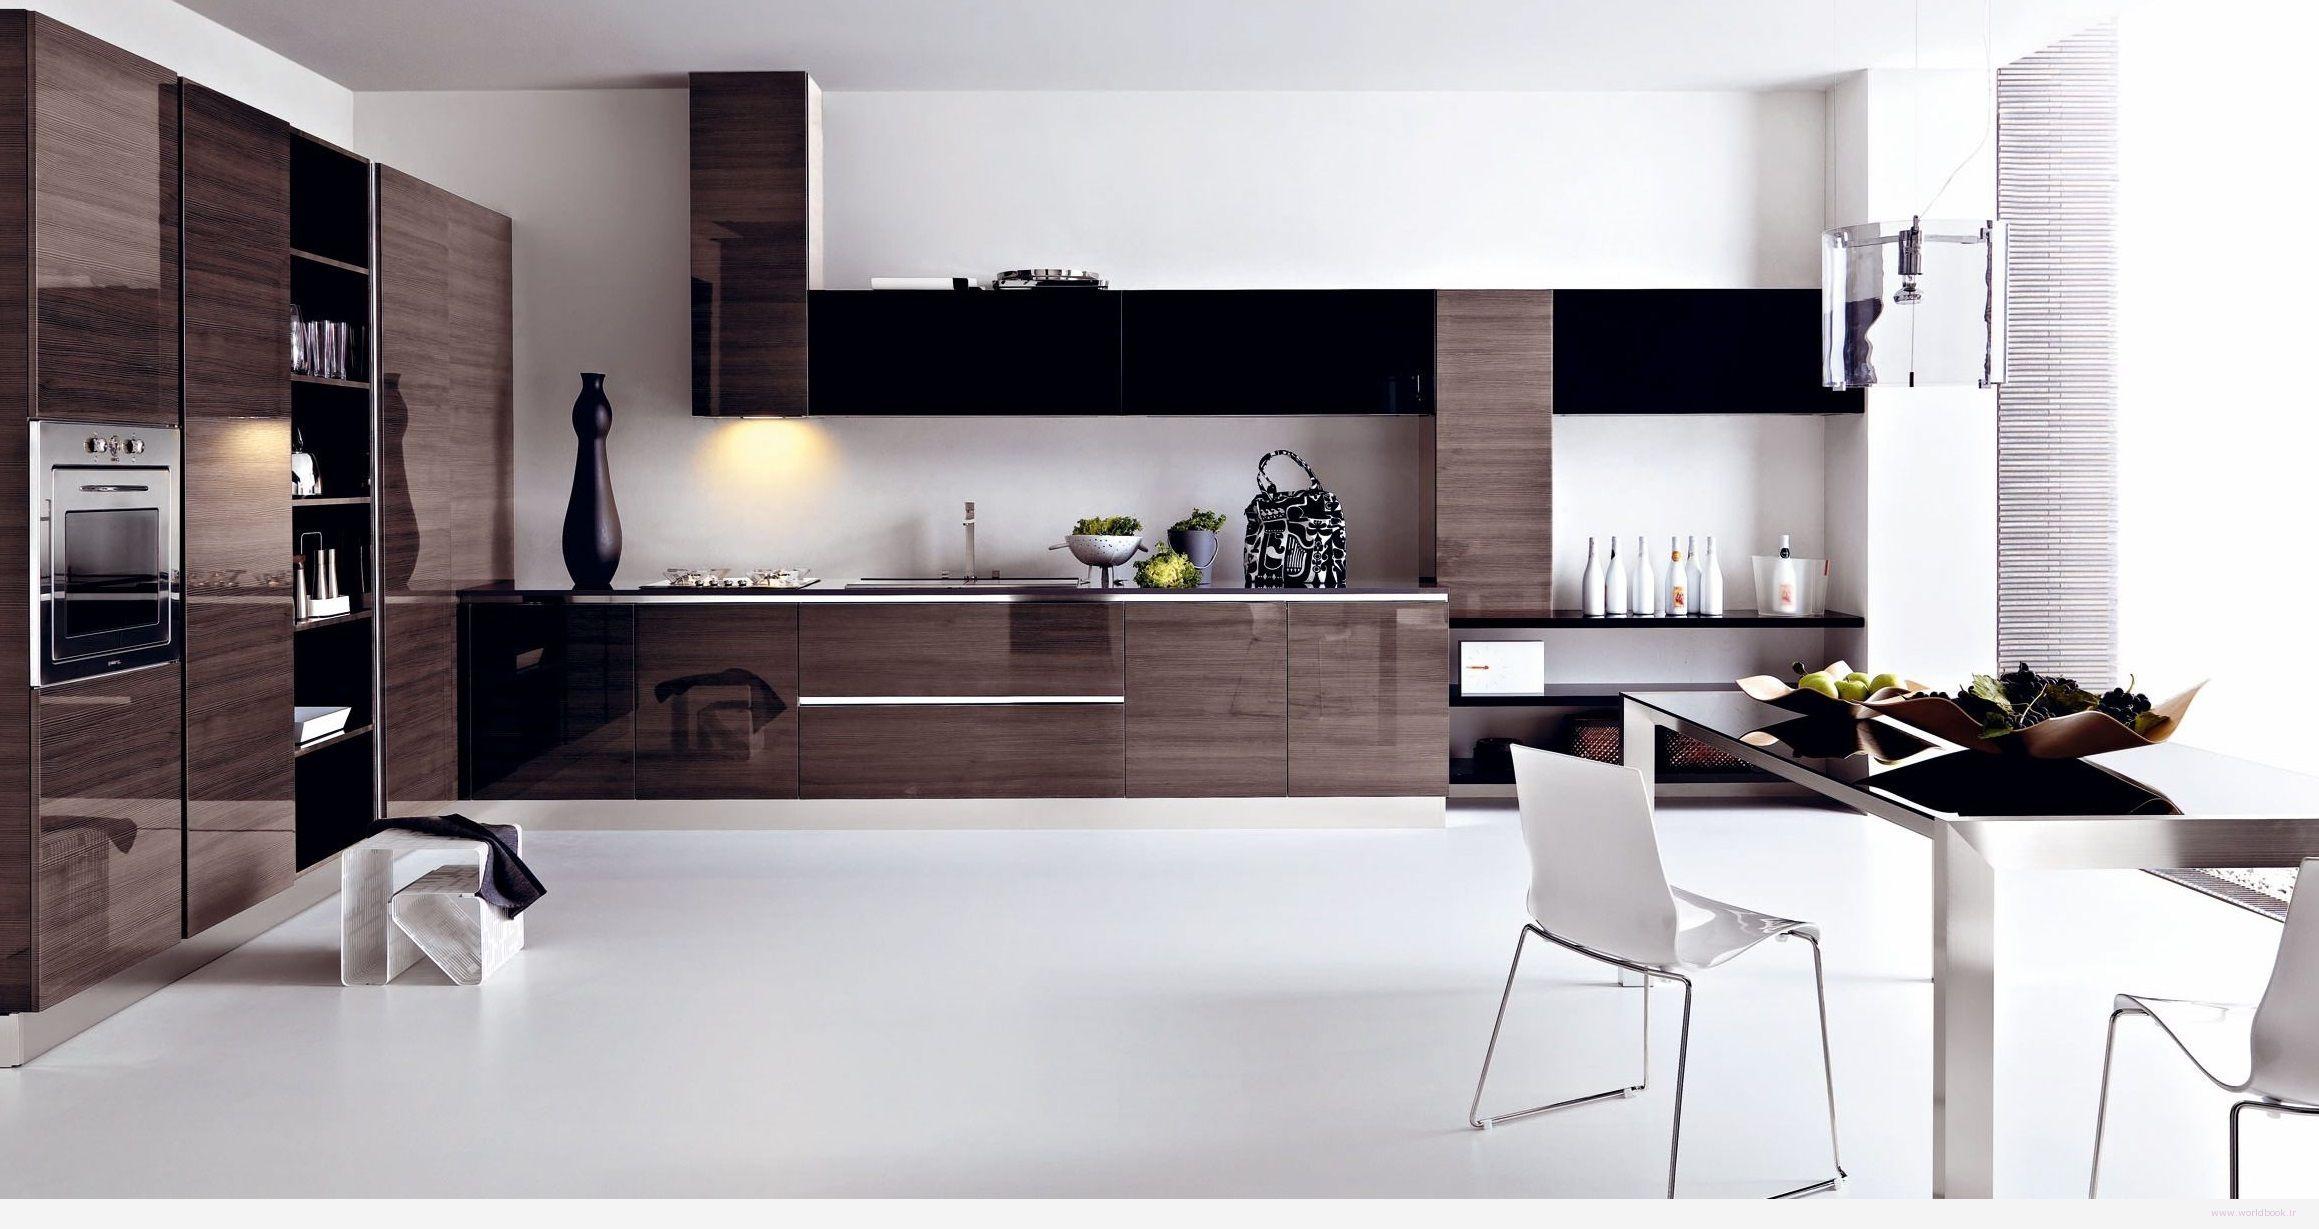 تصویر از مدل طرحهای جدید دکوراسیون آشپزخانه 2015